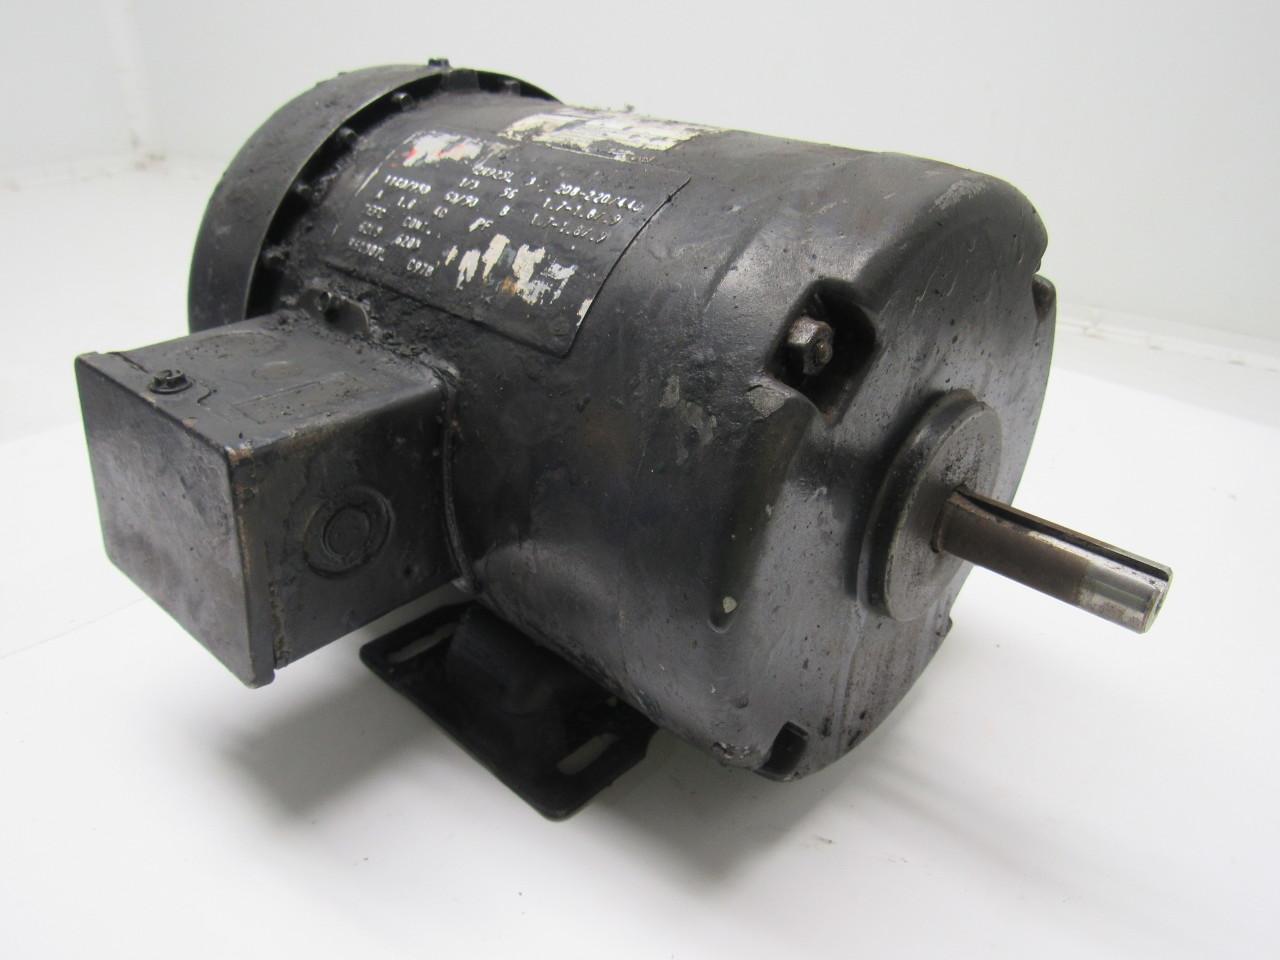 Dayton 2n925l 1 3hp 3ph 208 230 460v 1140rpm Electric Motor